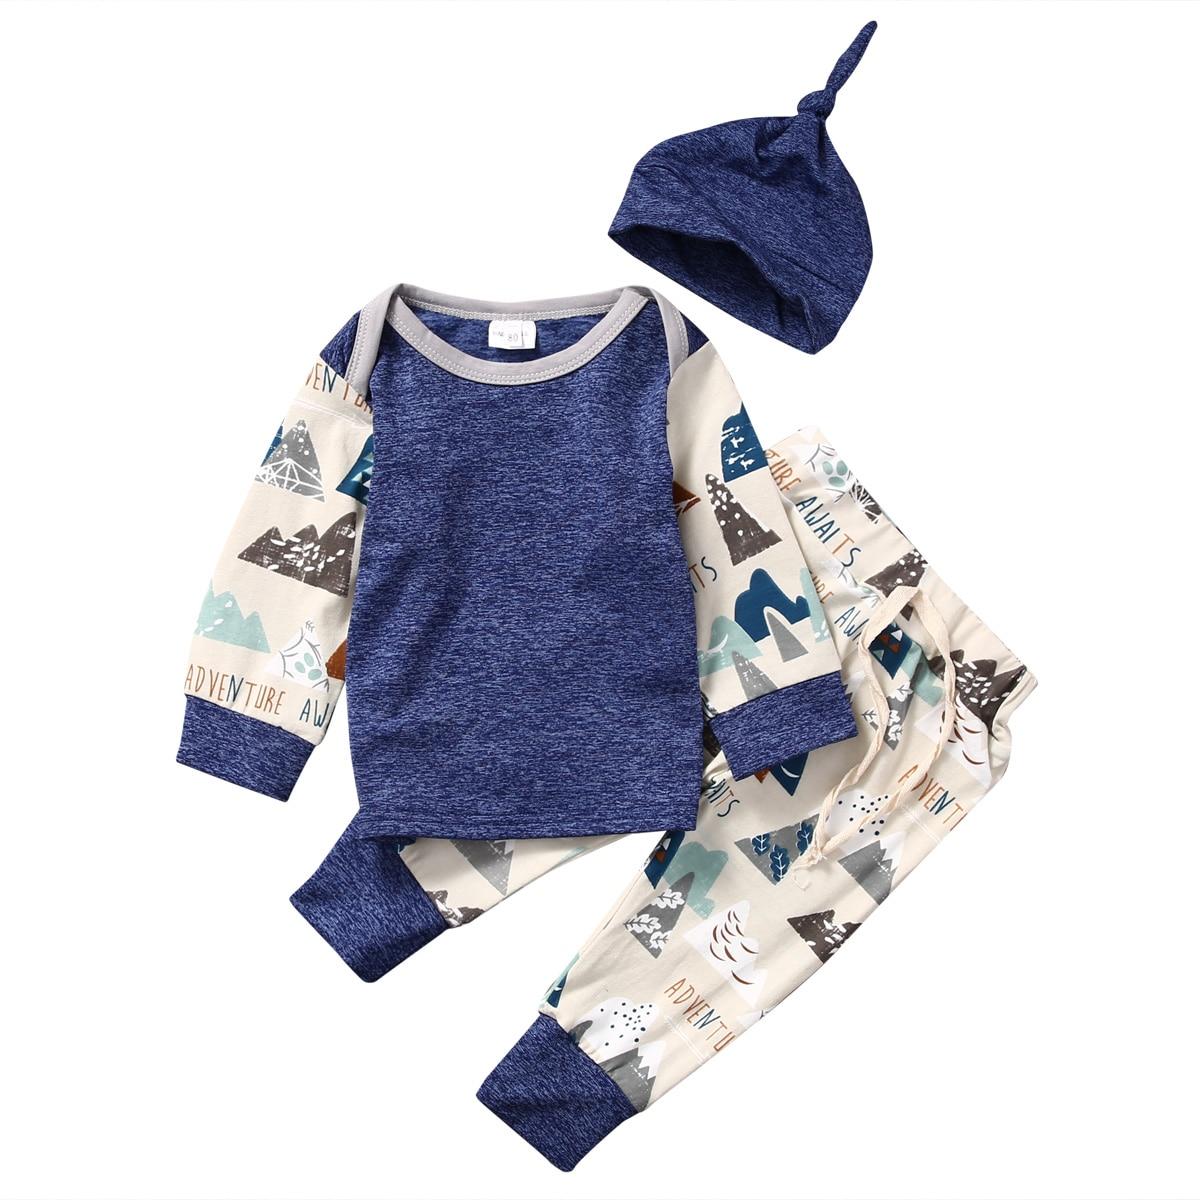 3 шт. комплект детской одежды милый новорожденных Для маленьких мальчиков Обувь для девочек Комбинезон футболка с длинными рукавами + легги...